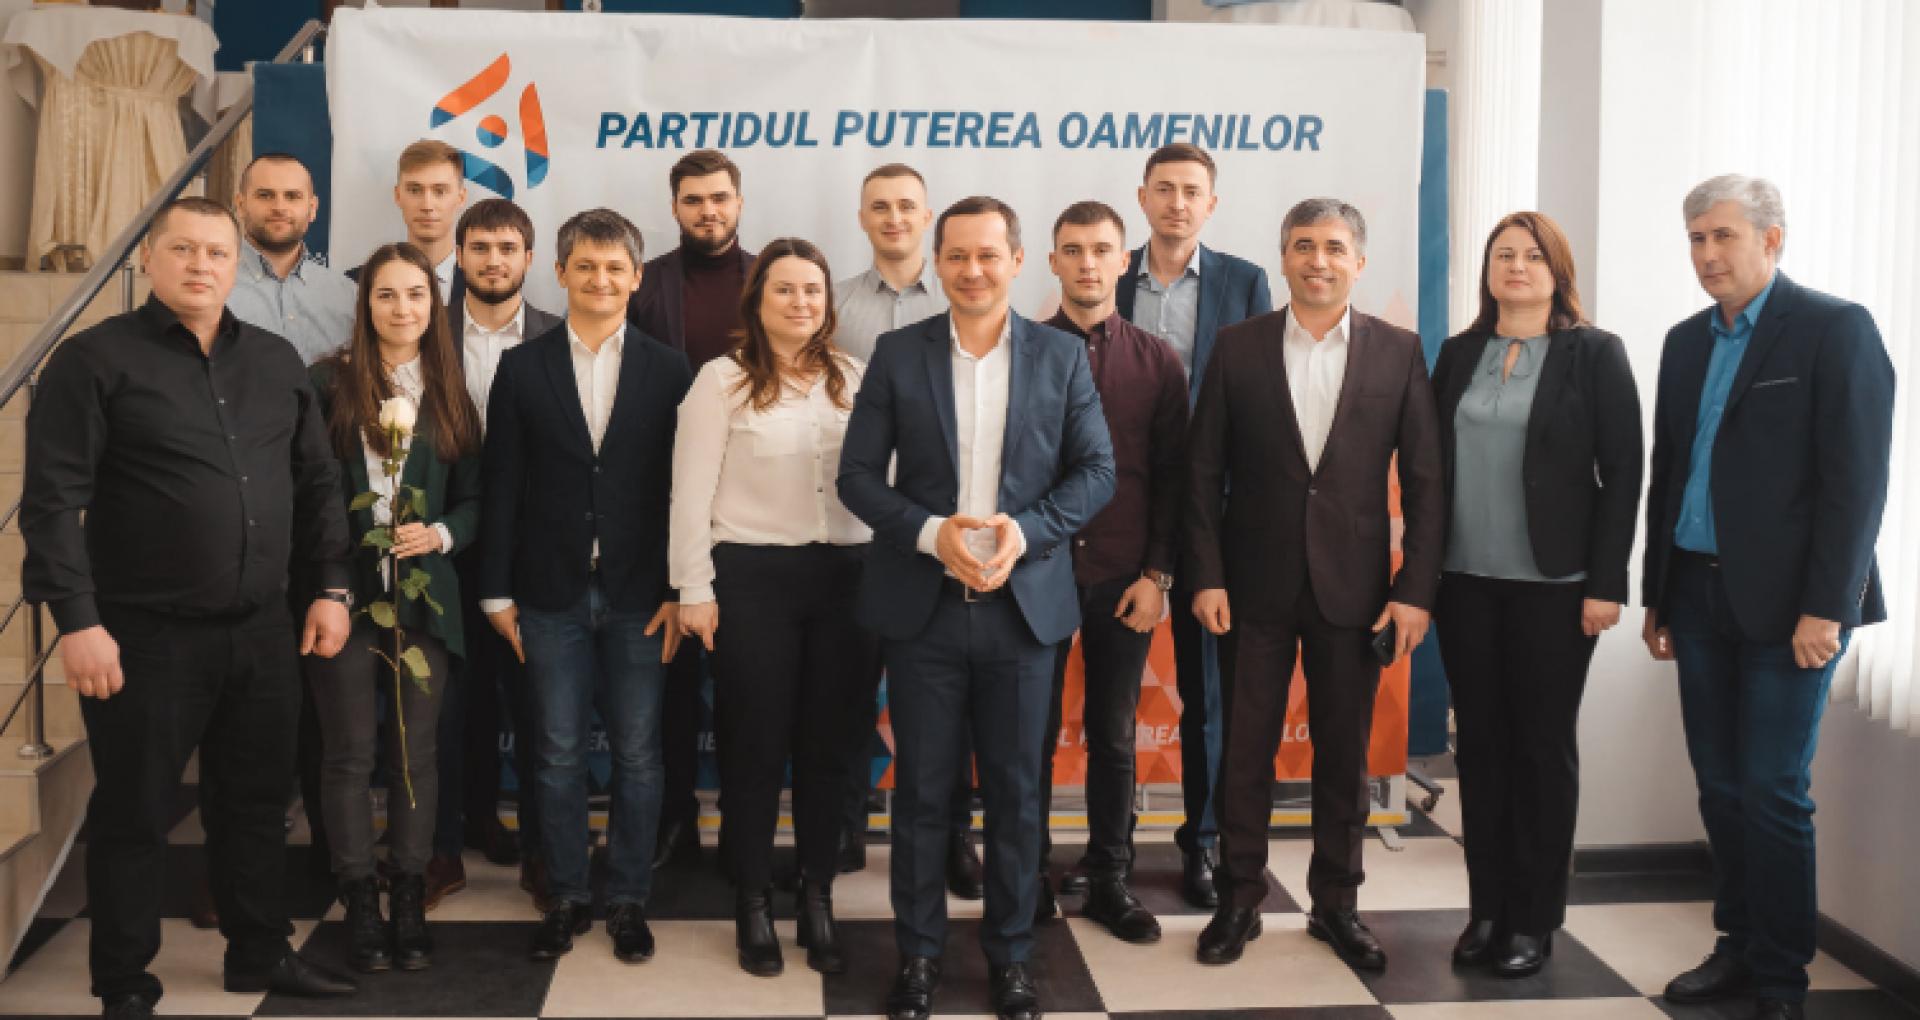 DOC/ Ruslan Codreanu – cap de listă, fiind urmat de medicul pediatru Mihai Stratulat. Lista integrală a Partidului Puterea Oamenilor pentru alegerile parlamentare anticipate din 11 iulie